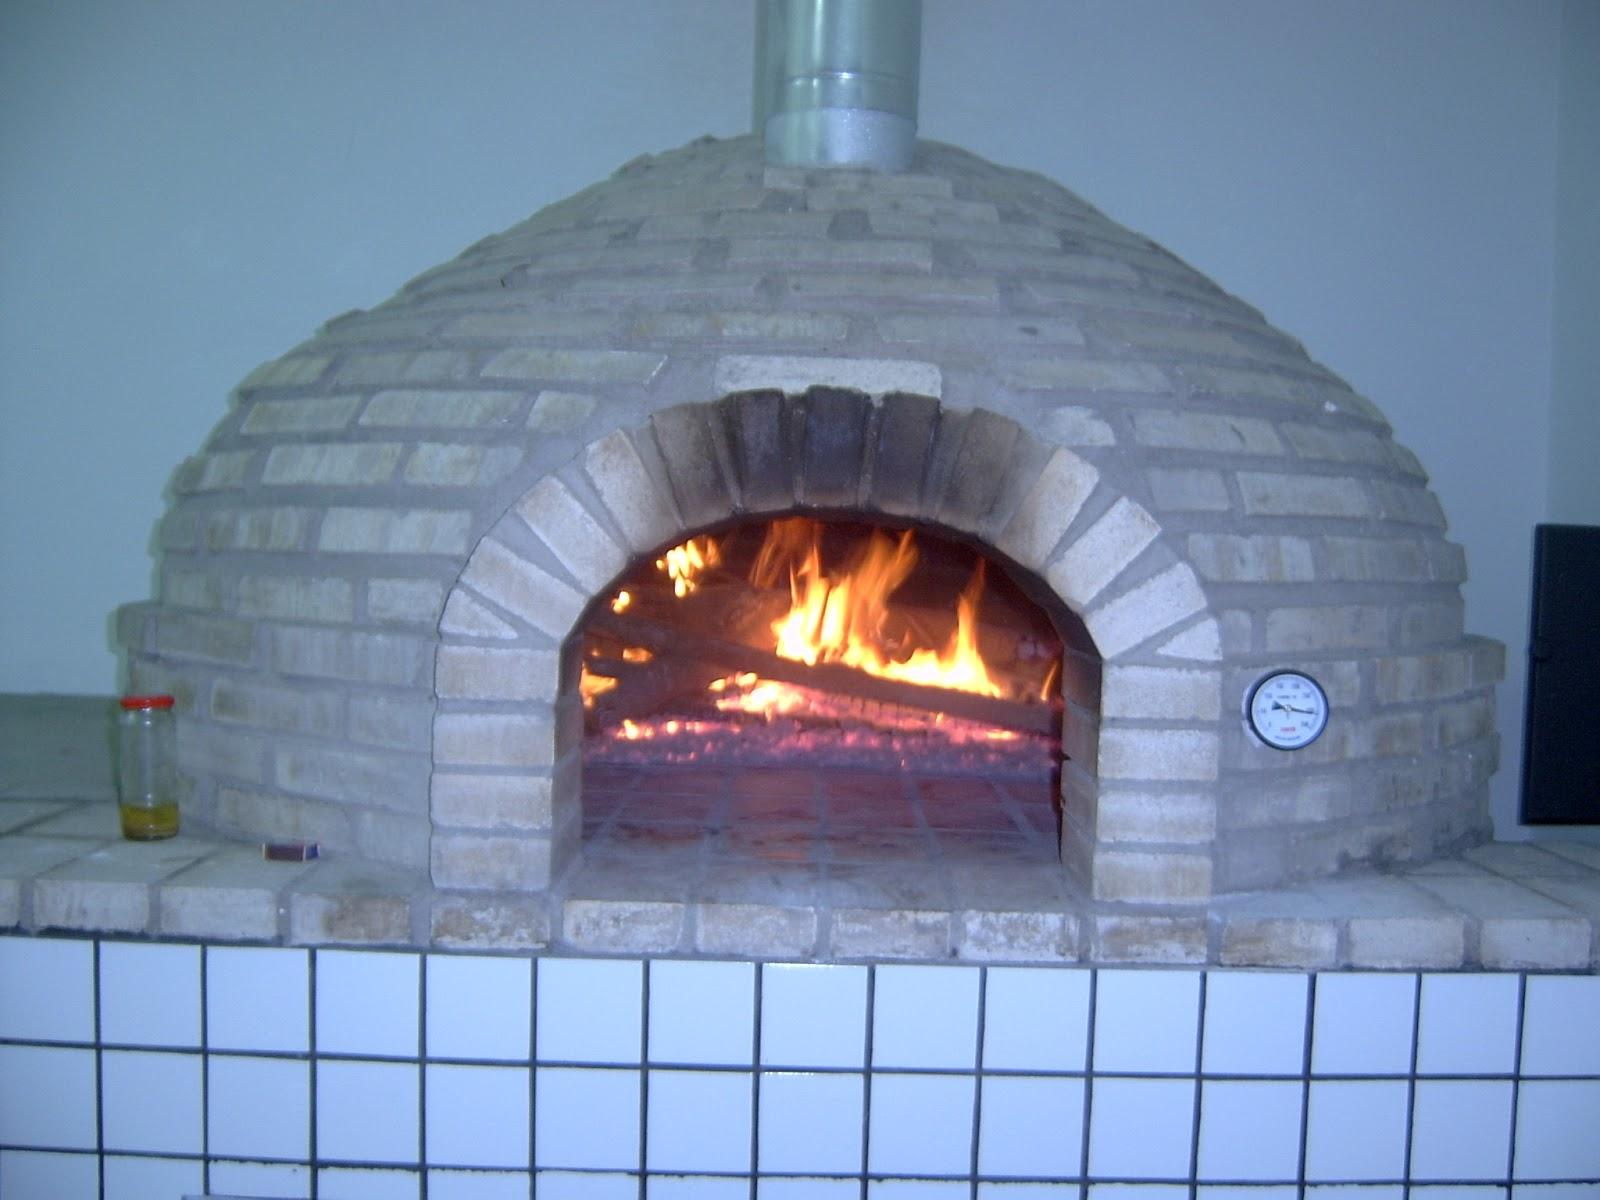 Forno a lenha para pizzaria profissional for Temperatura forno pizza